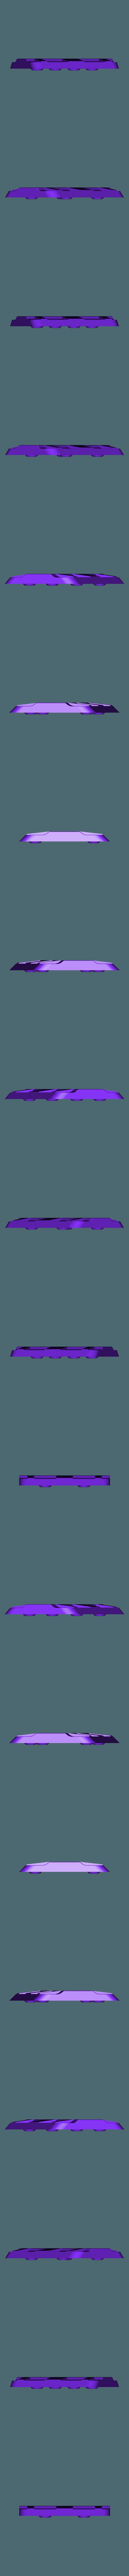 ECX_REVENGE_MID_SKID_20190327.stl Télécharger fichier STL gratuit Patins ECX Revenge (avant, milieu et arrière) • Modèle pour impression 3D, peterbroeders